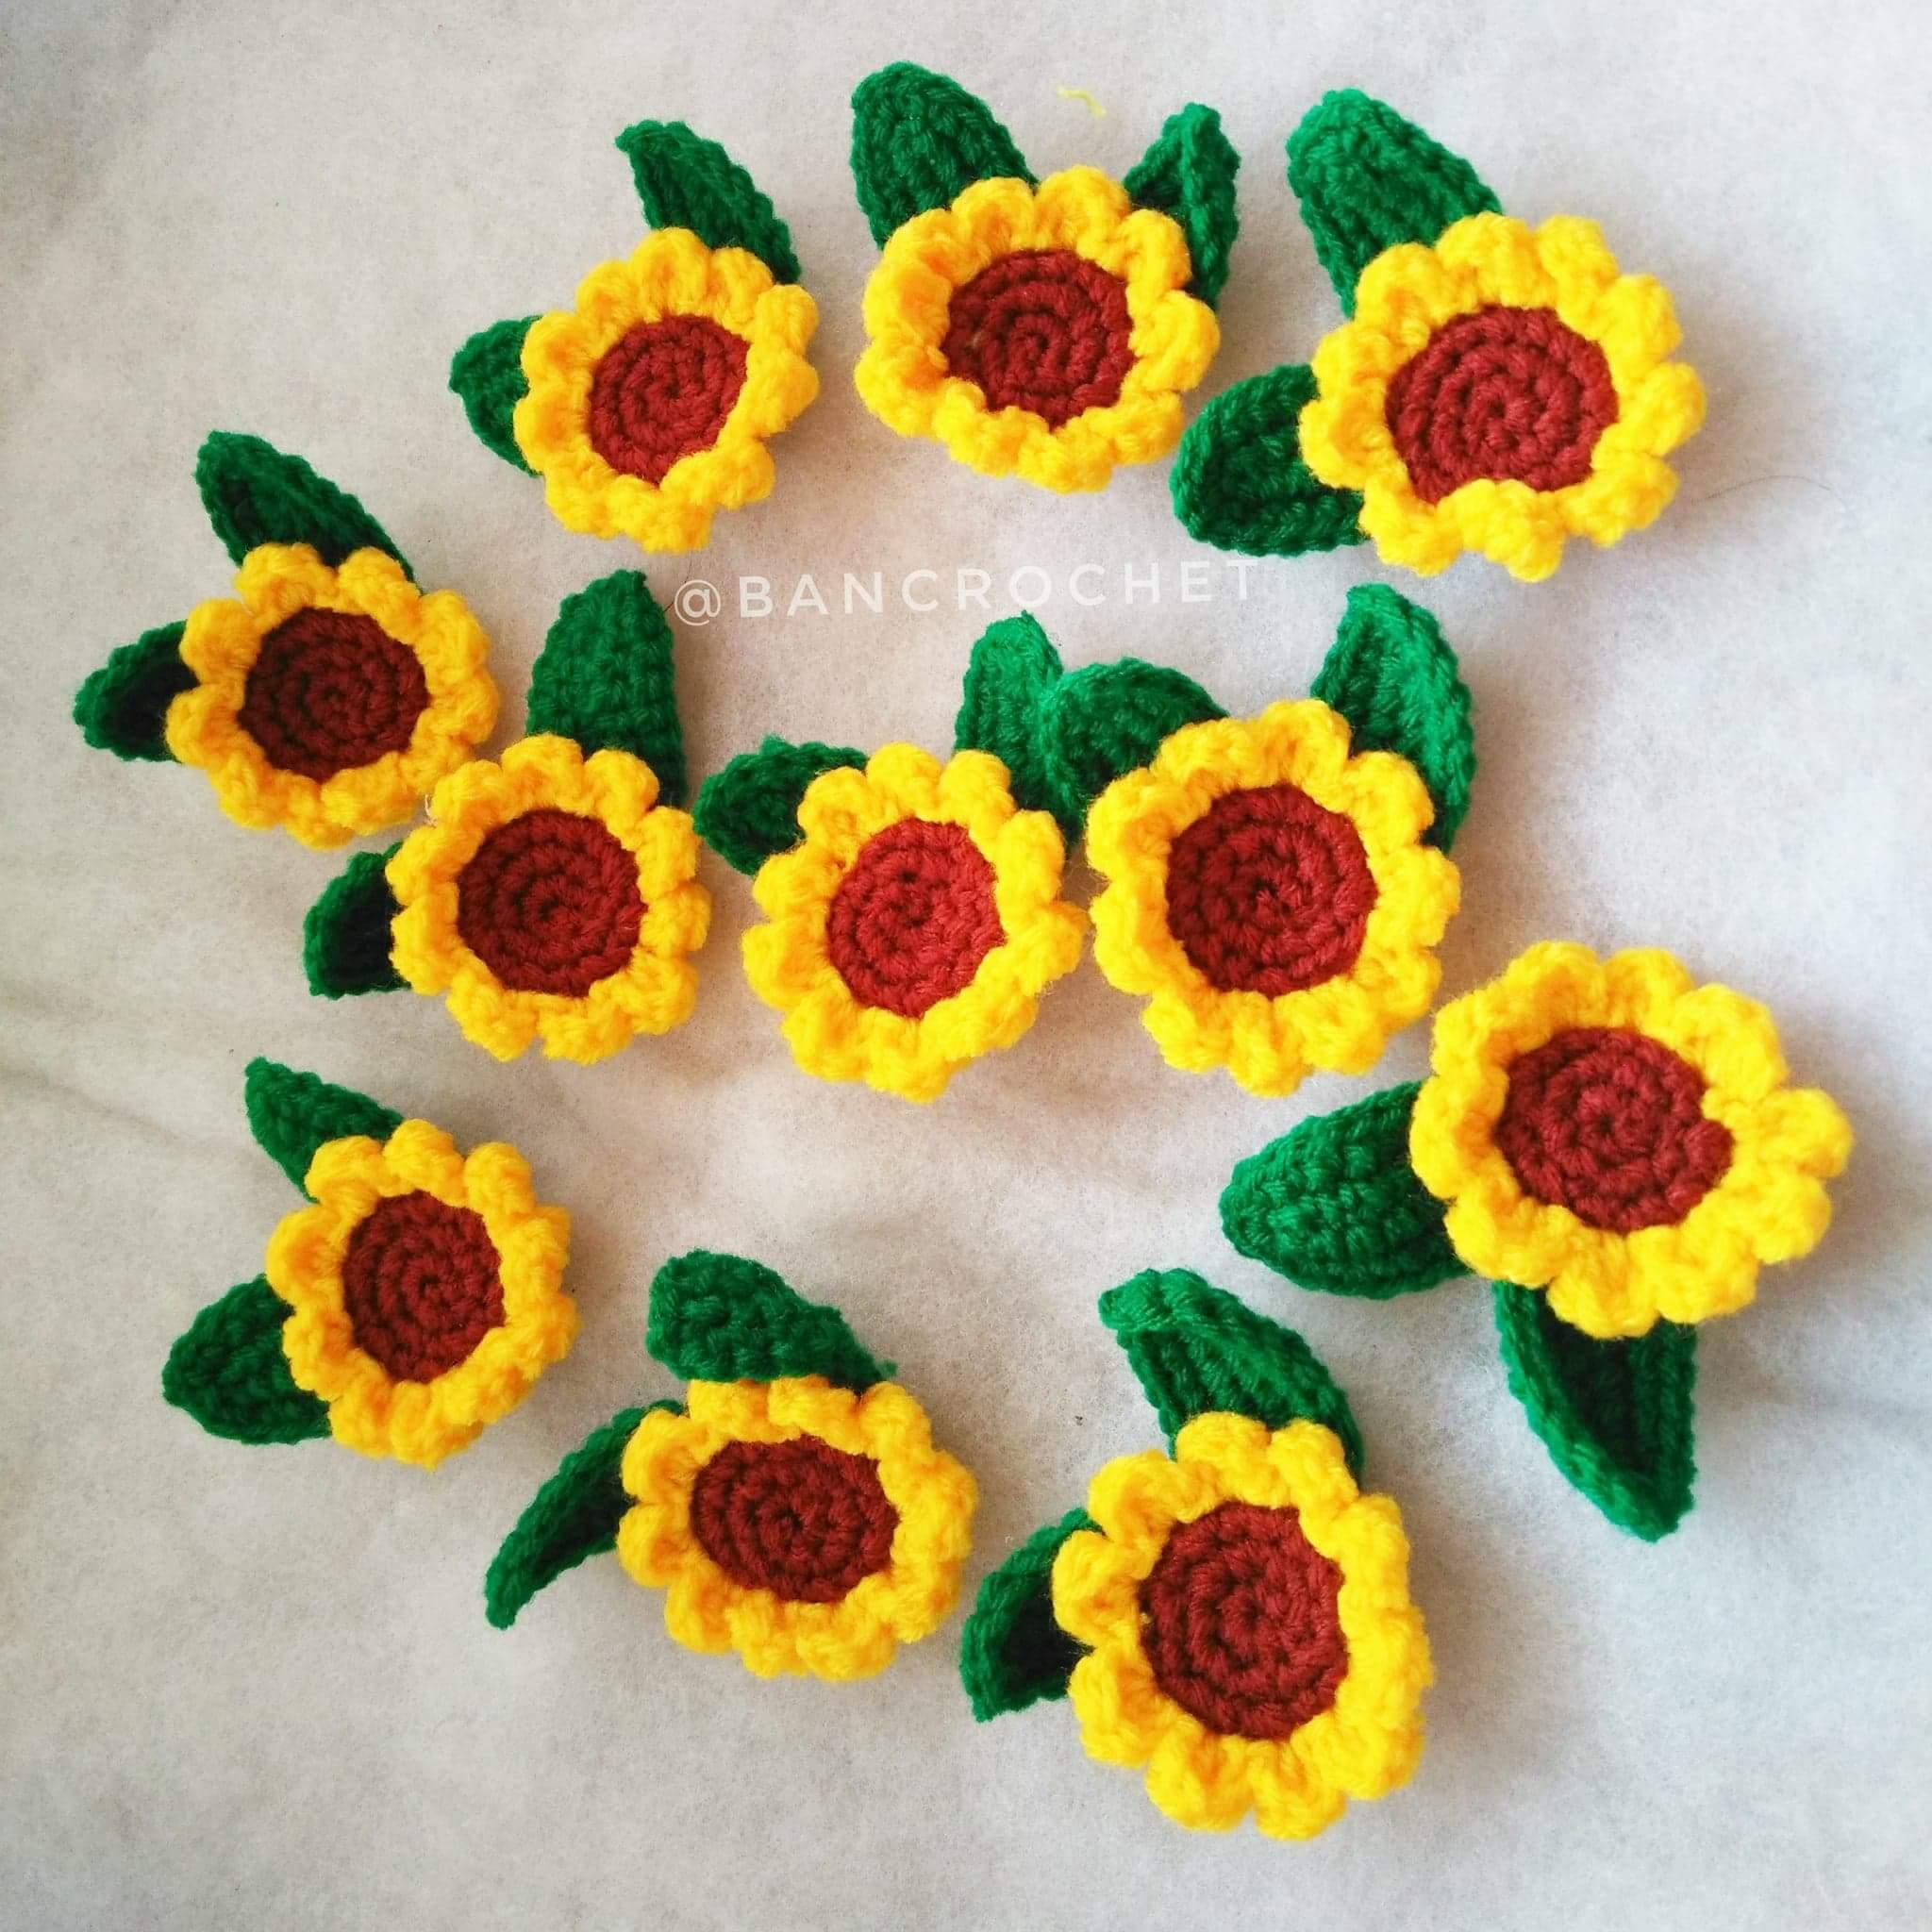 ดอกทานตะวันถักไหมพรม sunflowers crochet